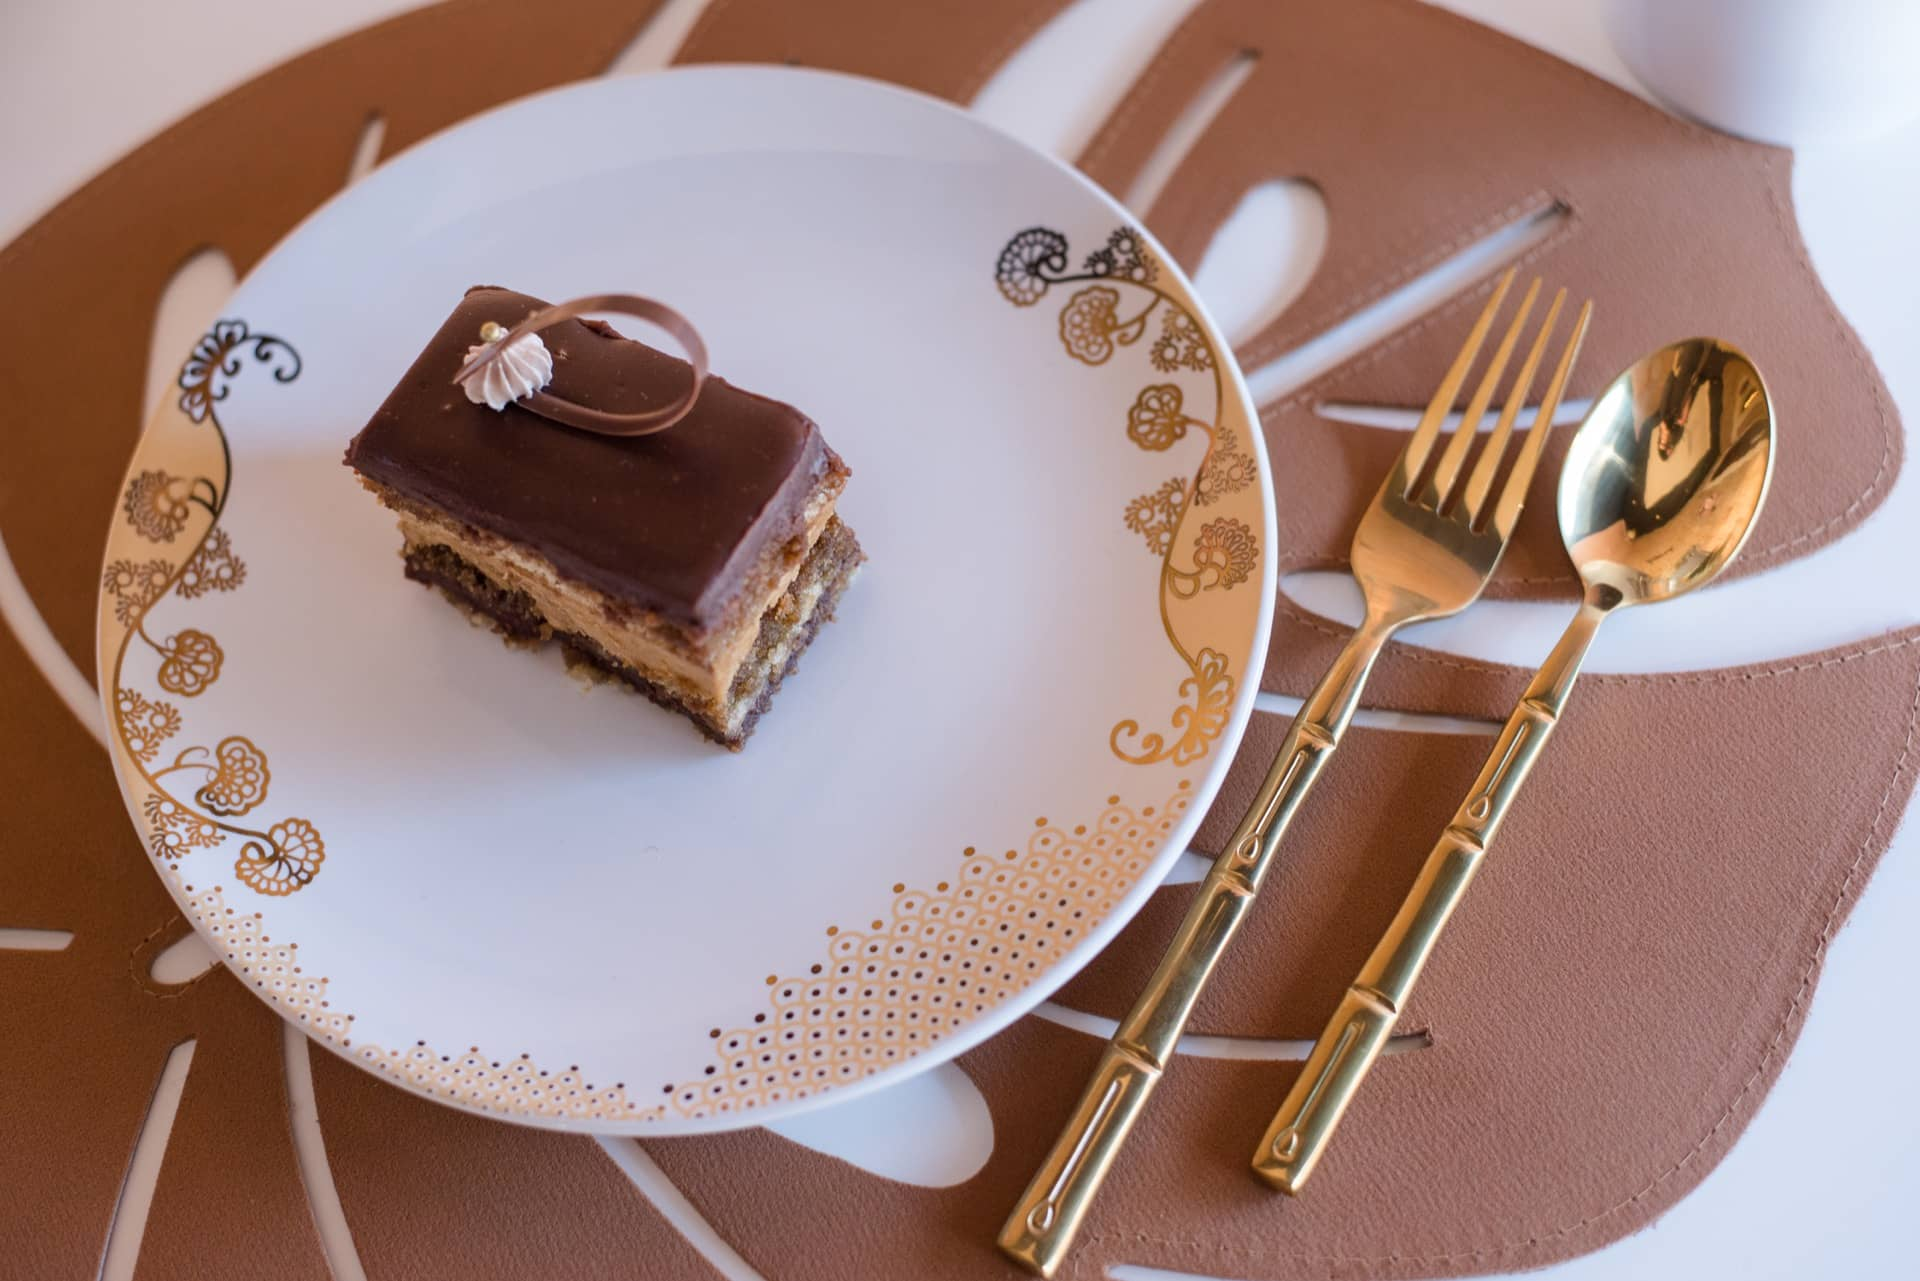 Imagem: O jogo americano de couro e os talheres dourados, complementam o prato da coleção Coup Golden da Oxford. O doce, com massa de amêndoas e recheio de creme de café e chocolate, é da Manu Rosa Bakery. Foto: Karla Rudnick